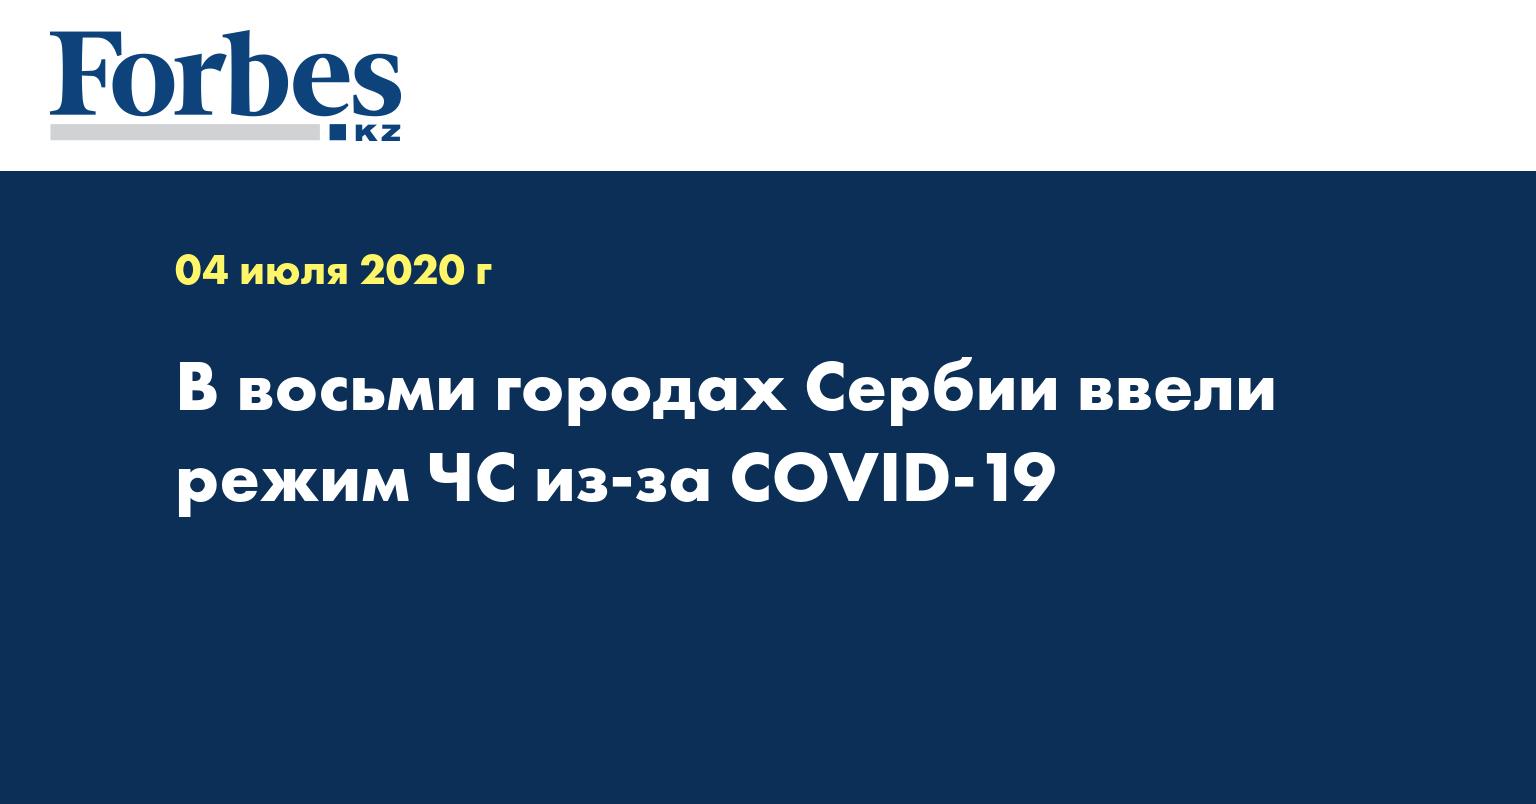 В восьми городах Сербии ввели режим ЧС из-за COVID-19